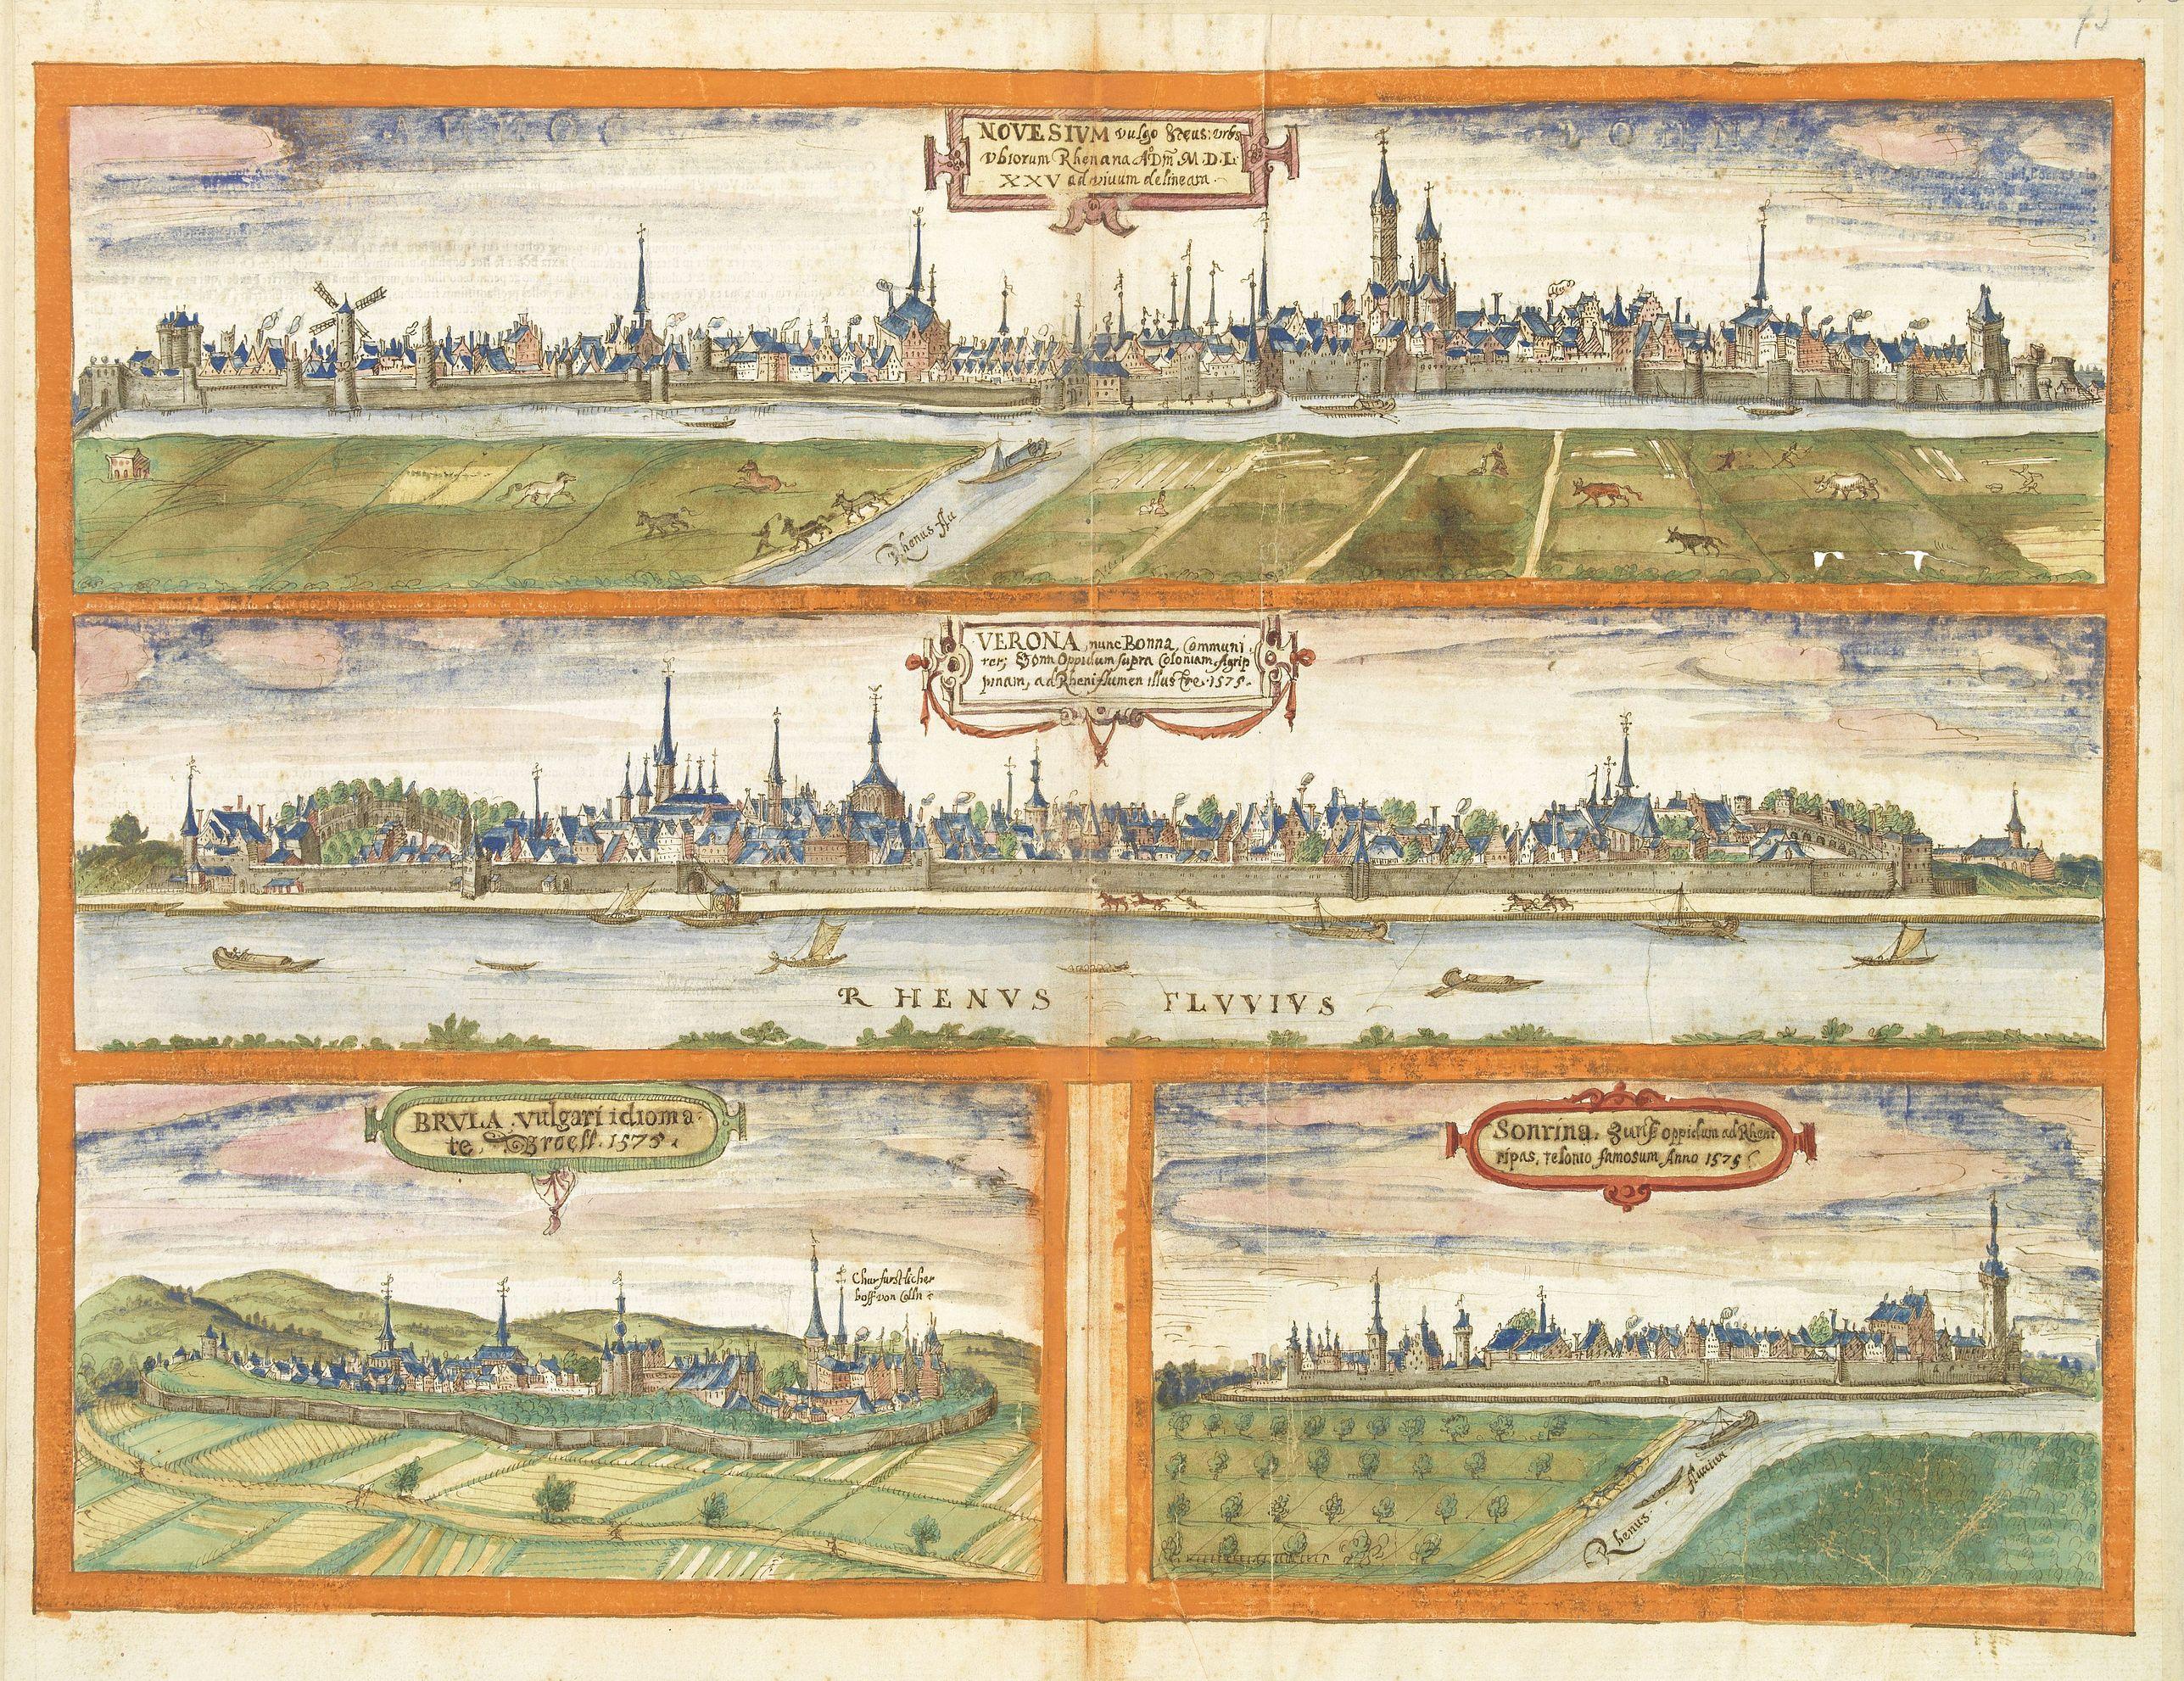 After BRAUN,G./ HOGENBERG, F. -  Novesium vulgo Neus - Verona nunc Bonn - Brula - Sontina, Zunsz Oppidum. . .